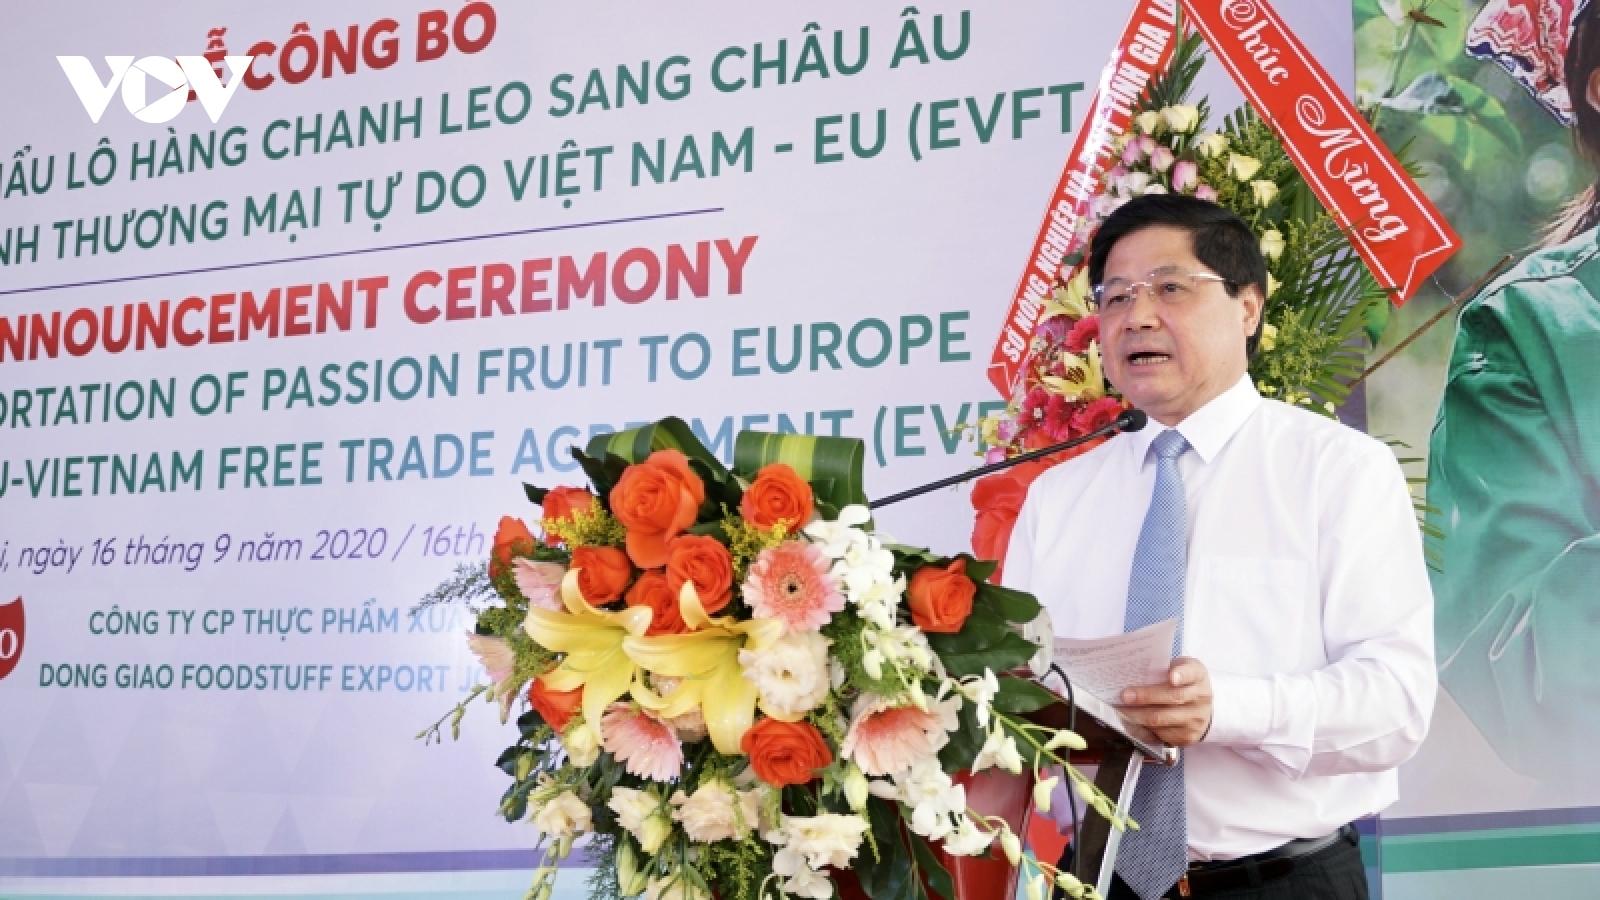 Gia Lai xuất khẩu lô chanh leo đầu tiên theo Hiệp định EVFTA sang EU